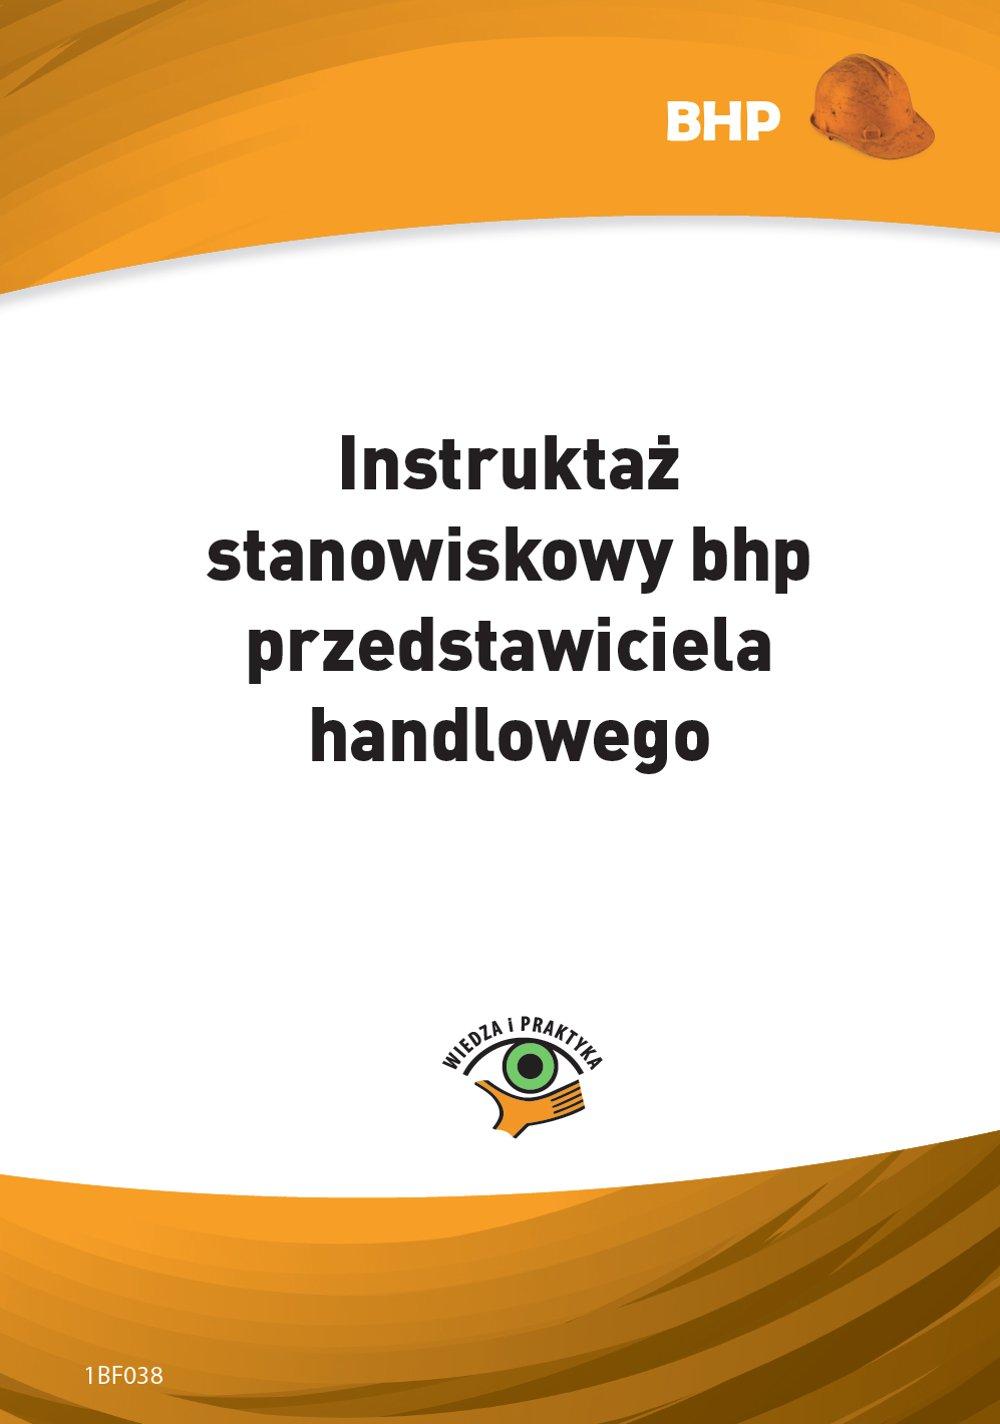 Instruktaż stanowiskowy bhp przedstawiciela handlowego - Ebook (Książka PDF) do pobrania w formacie PDF